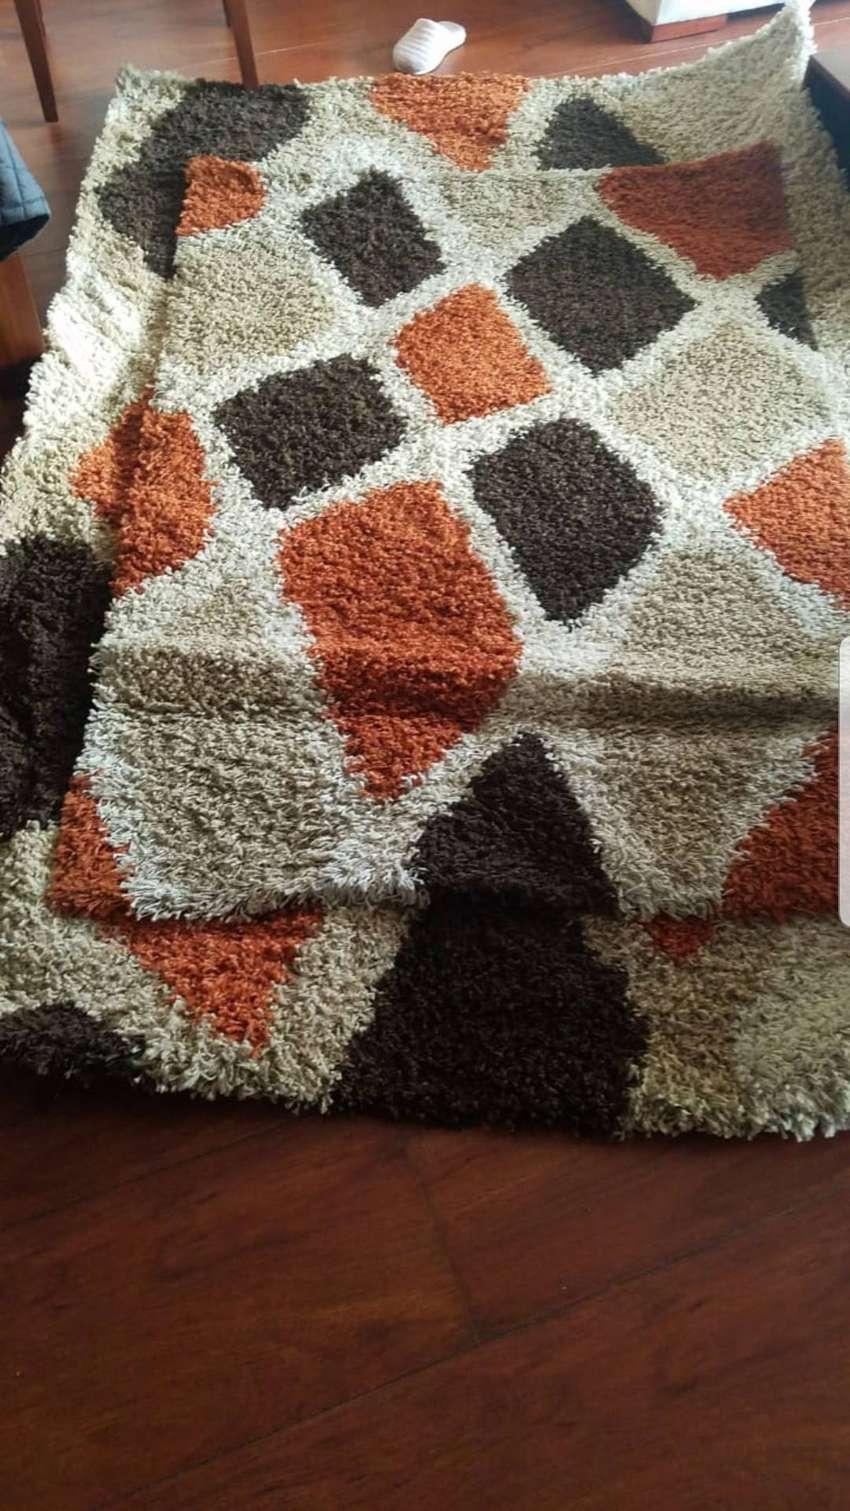 Medidas de las alfombras: 1.-2,30 x 1,50 2.-1, 70 x 1, 0